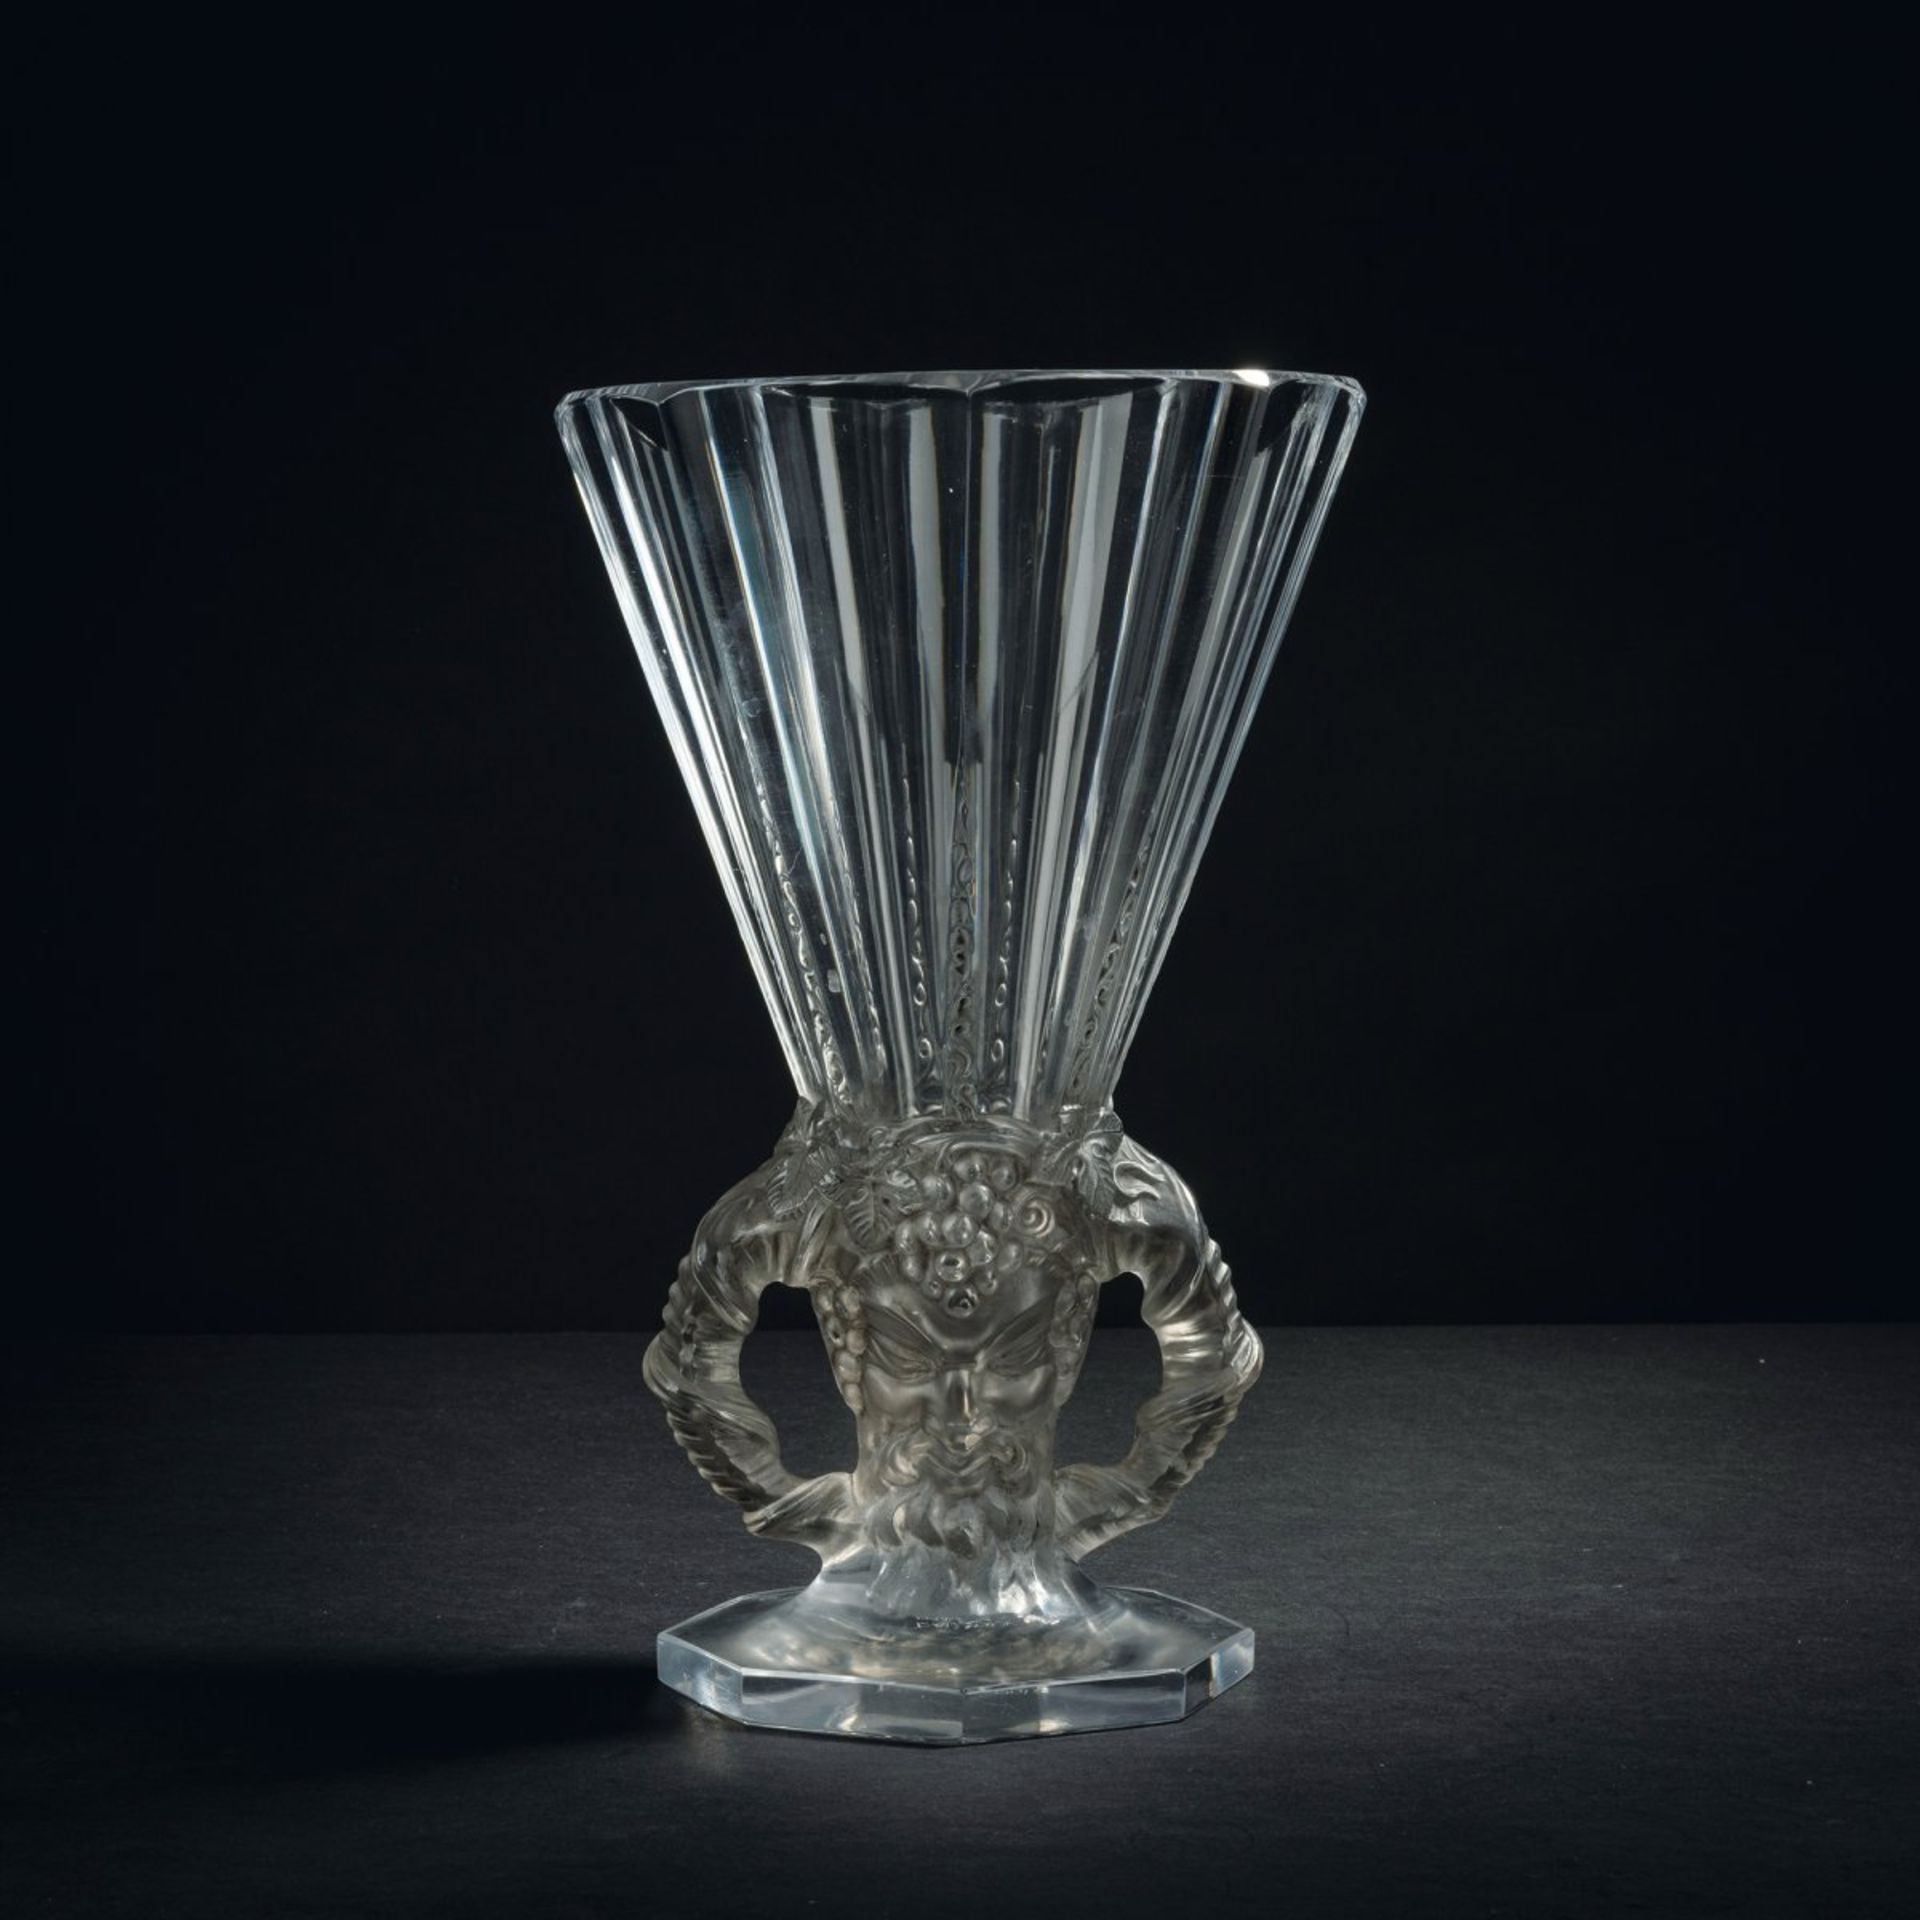 René Lalique, Vase 'Faune', 1931